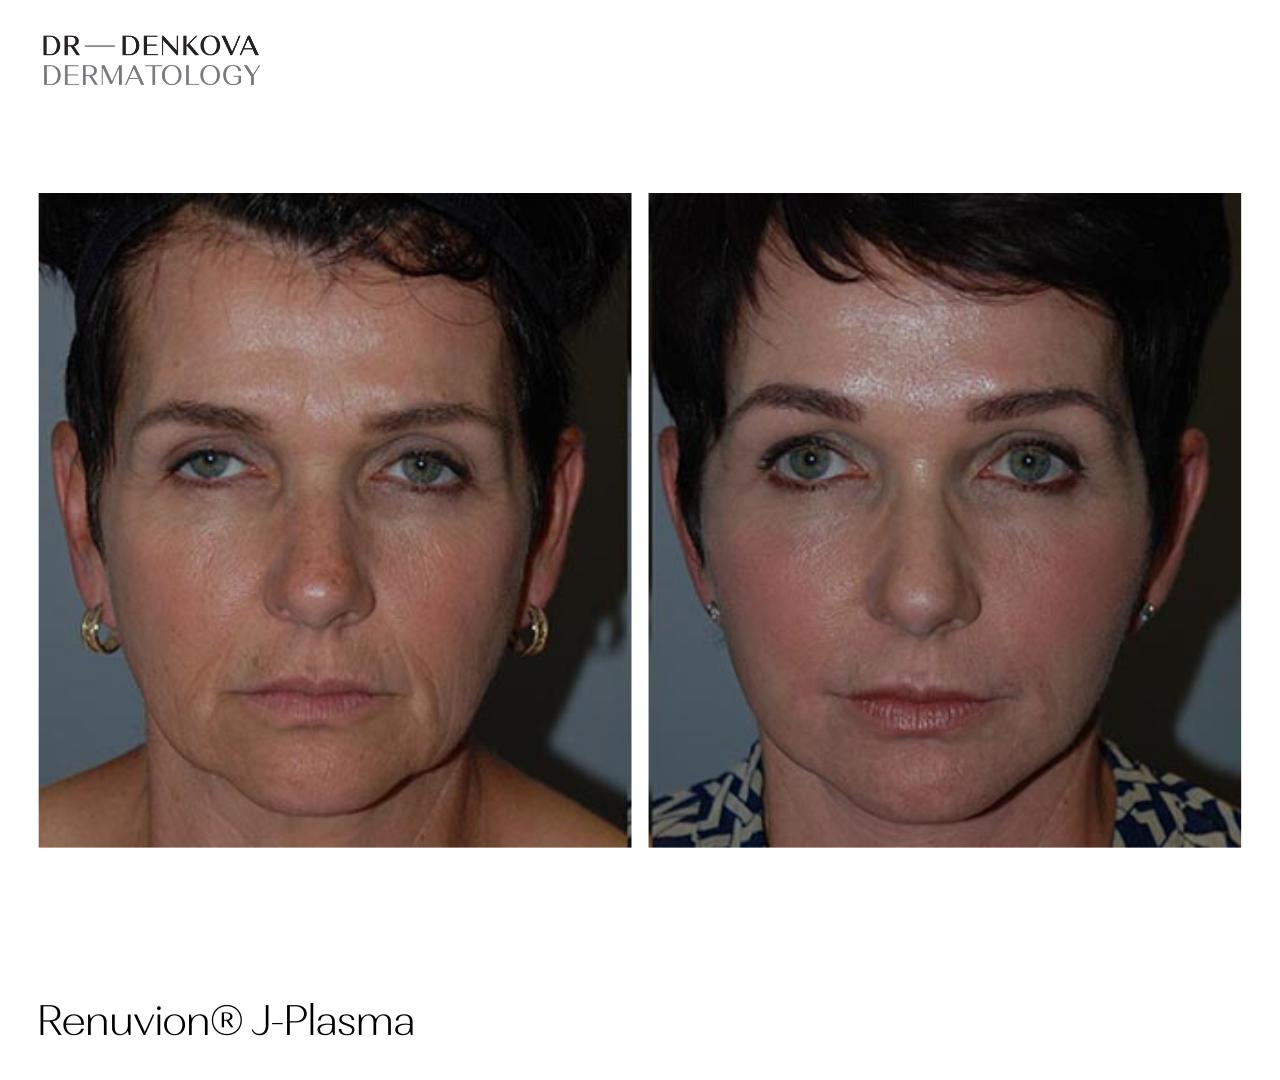 Renuvion J-Plasma - DR—DENKOVA DERMATOLOGY